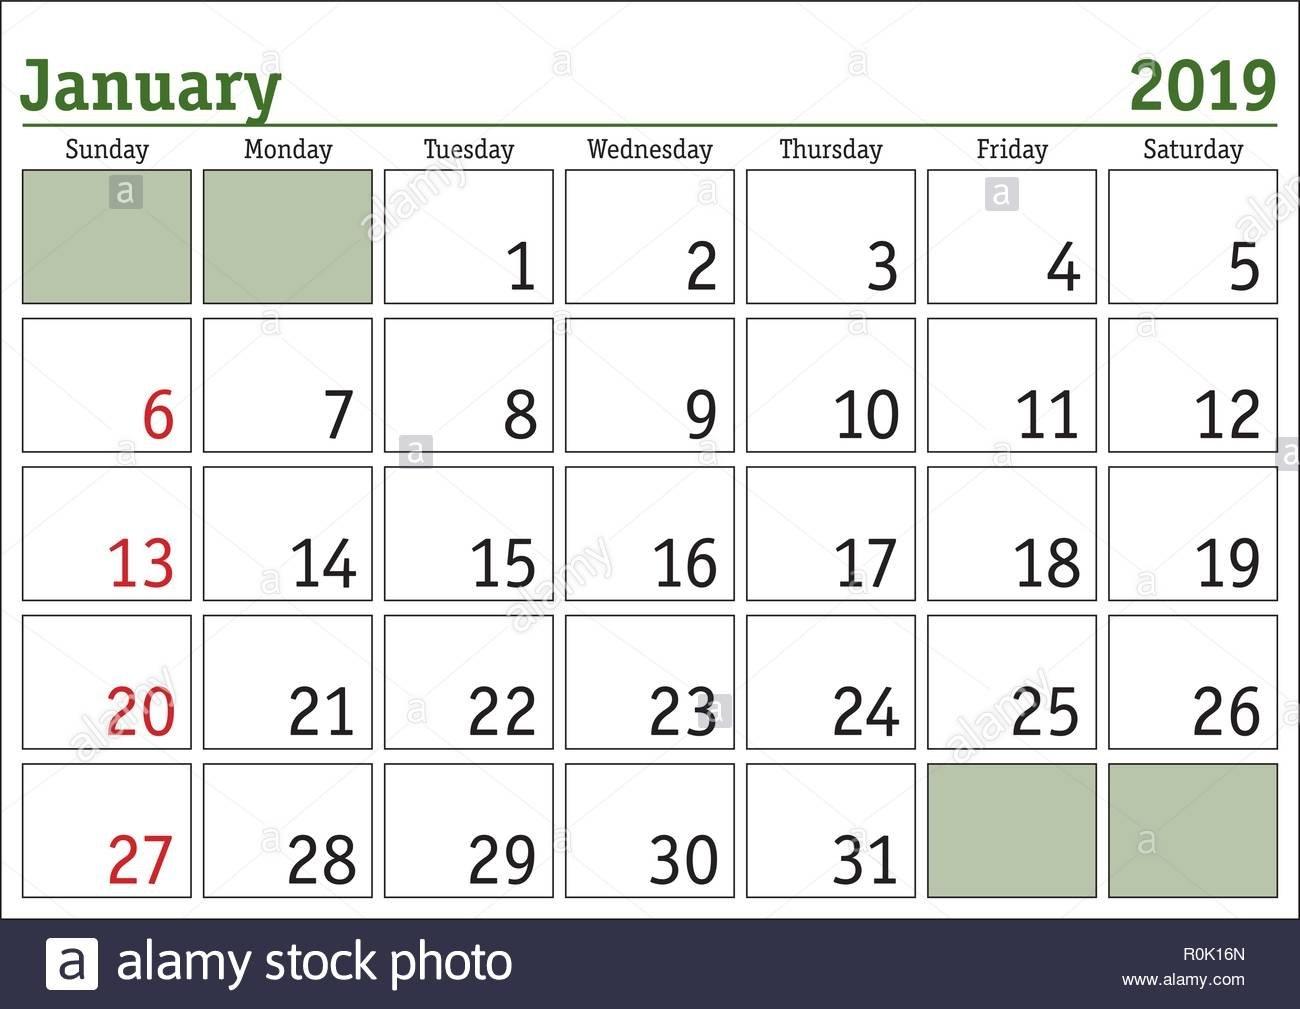 Simple Digital Calendar For January 2019. Vector Printable Calendar Calendar 2019 Digital